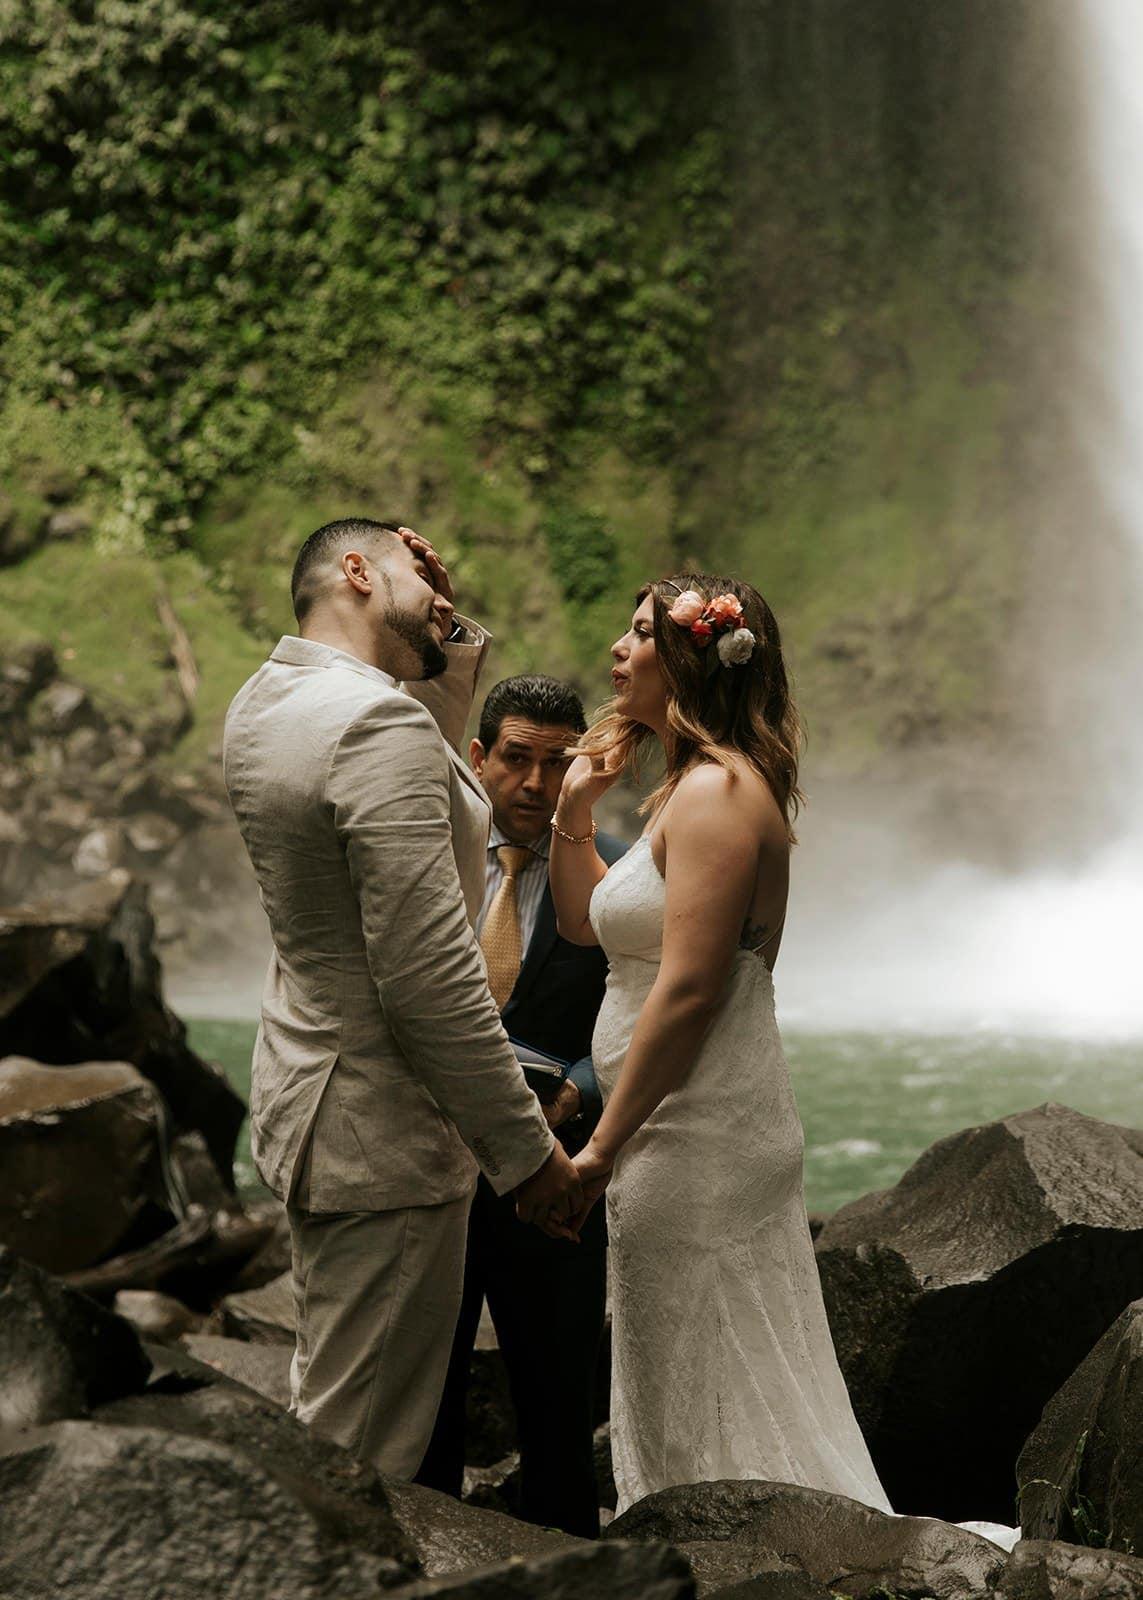 elopement ceremony locations